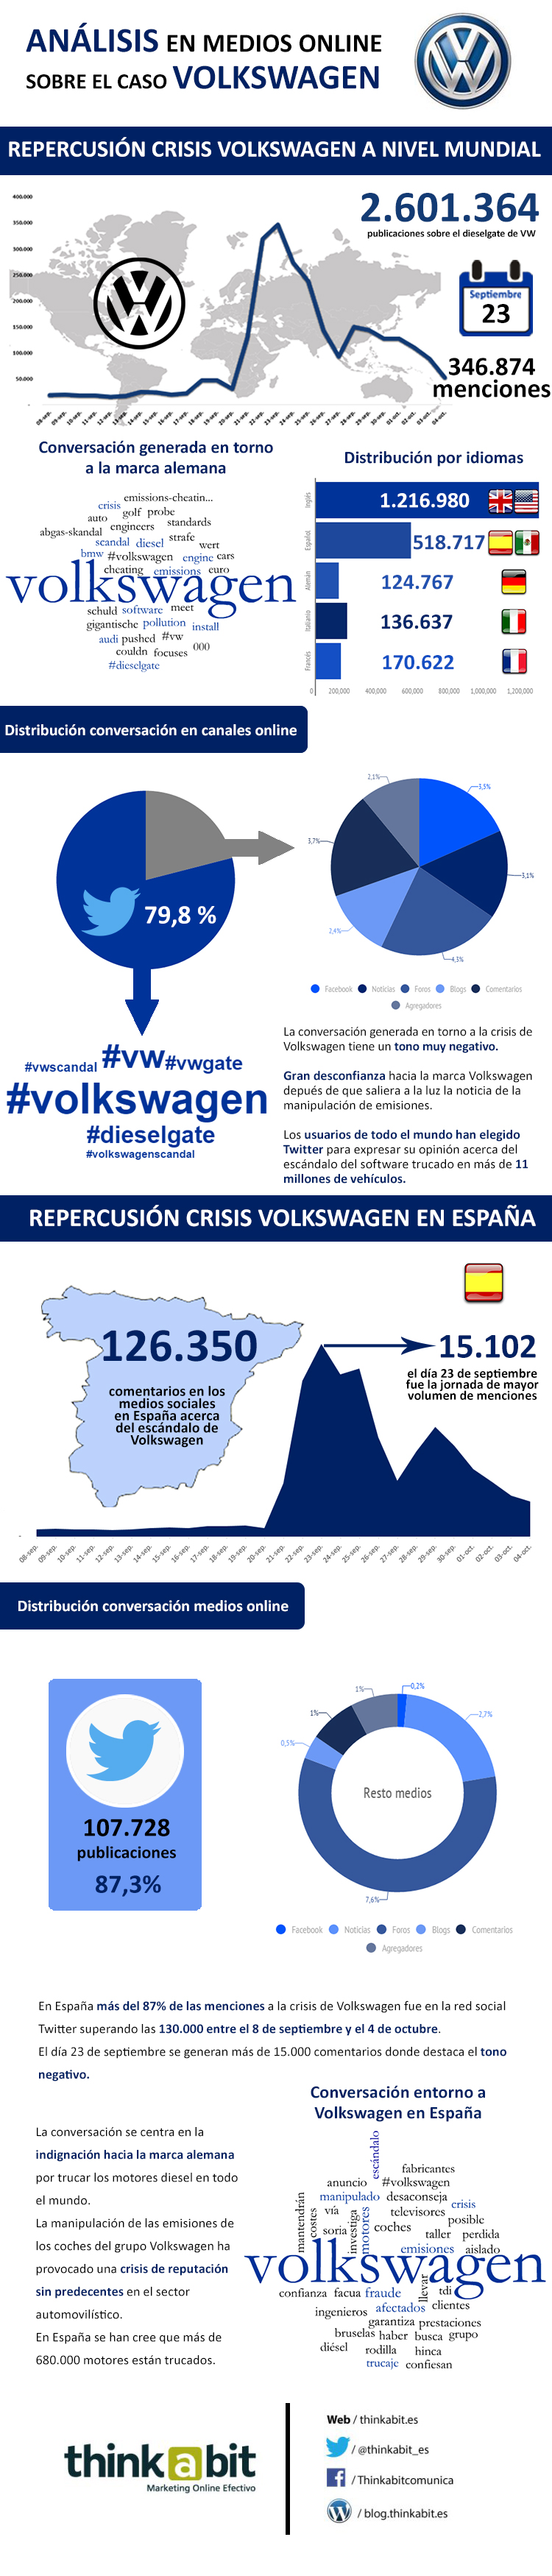 Infografía estudio Volkswagen